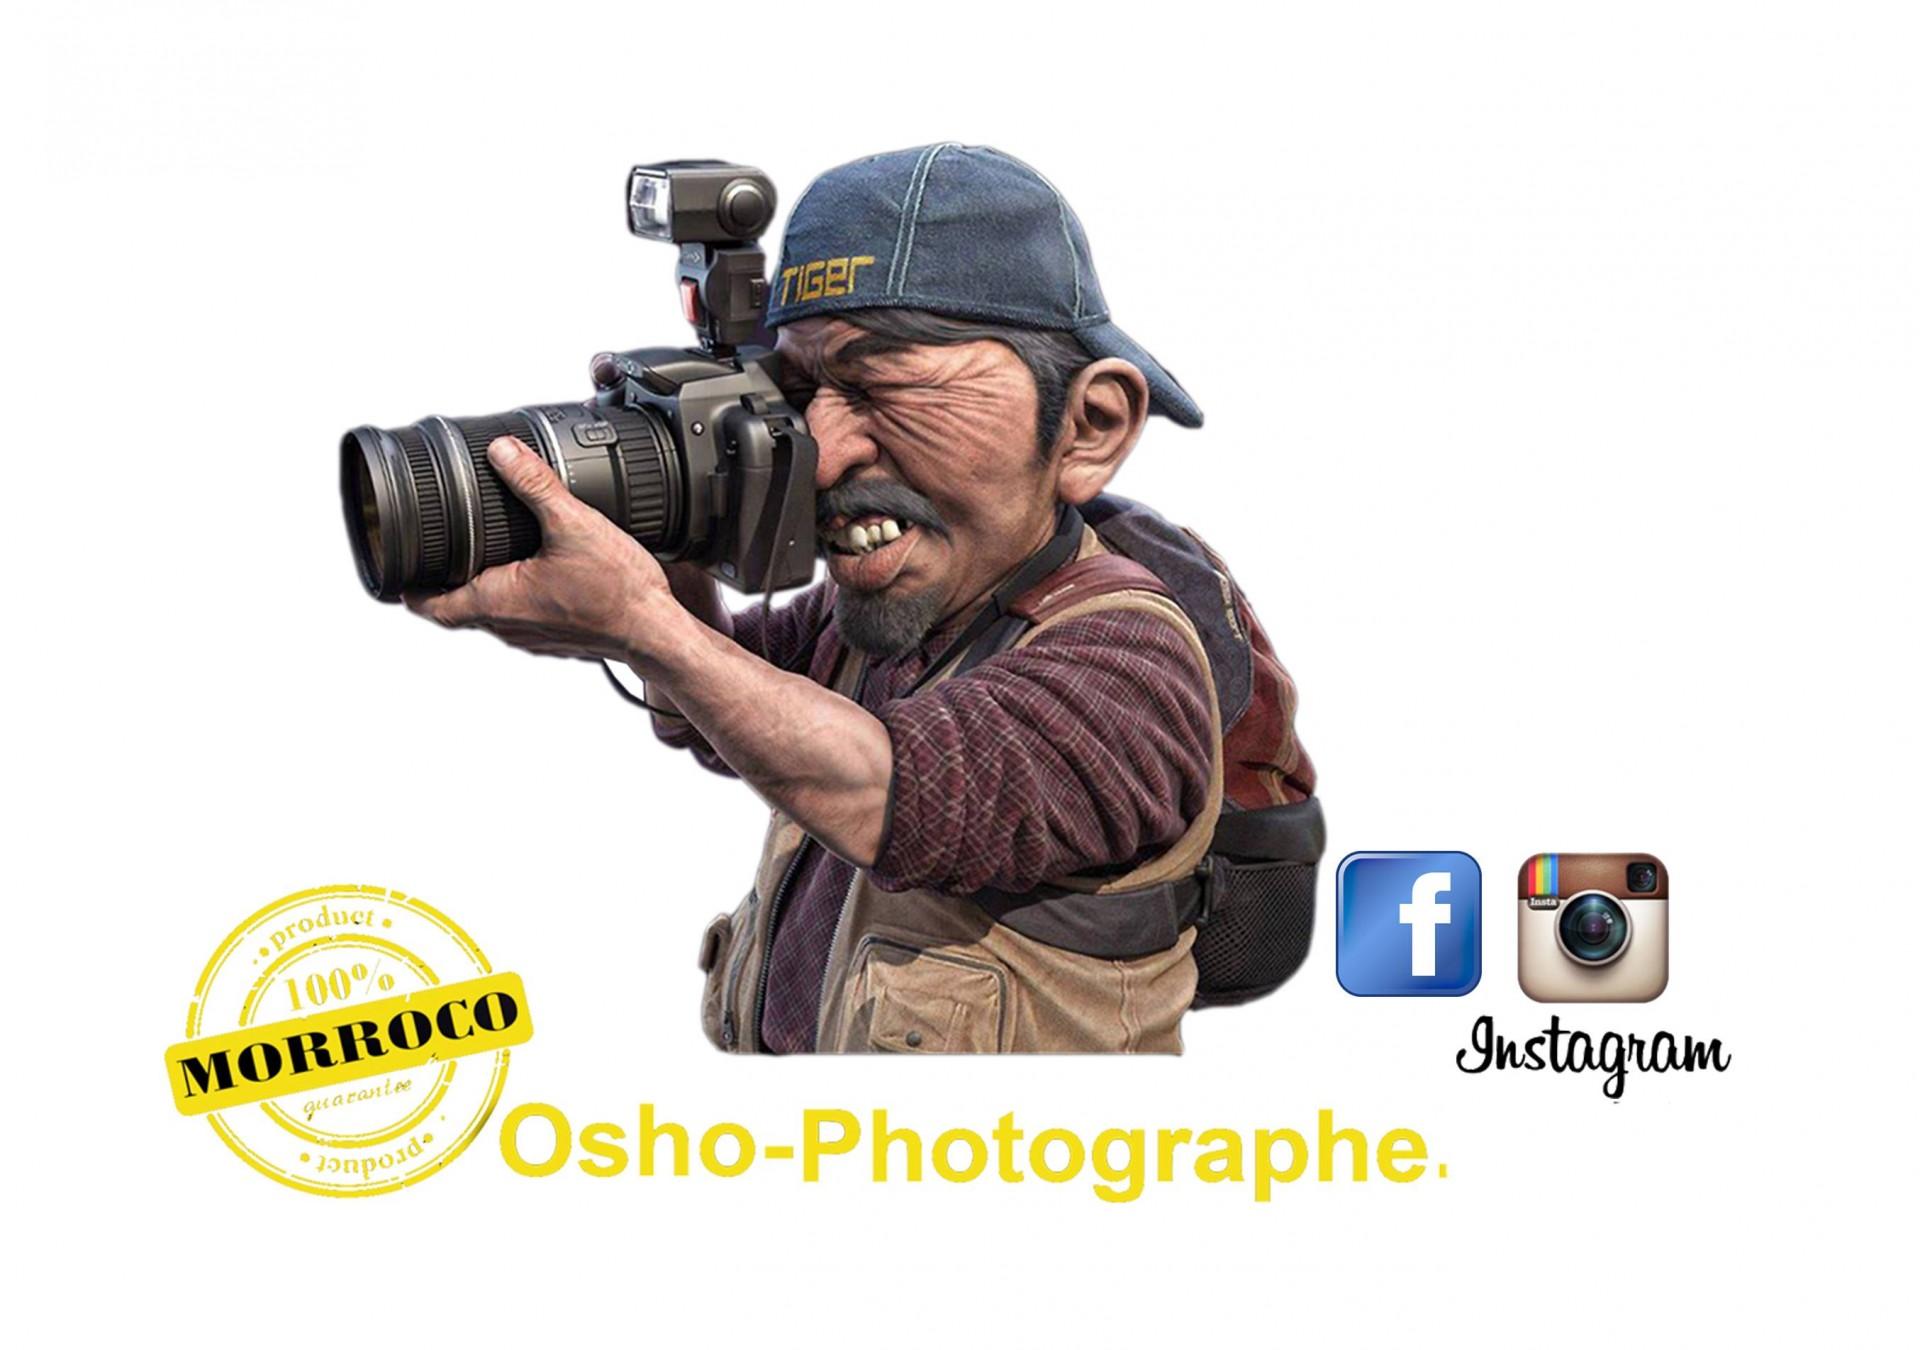 Osho Photographe logo